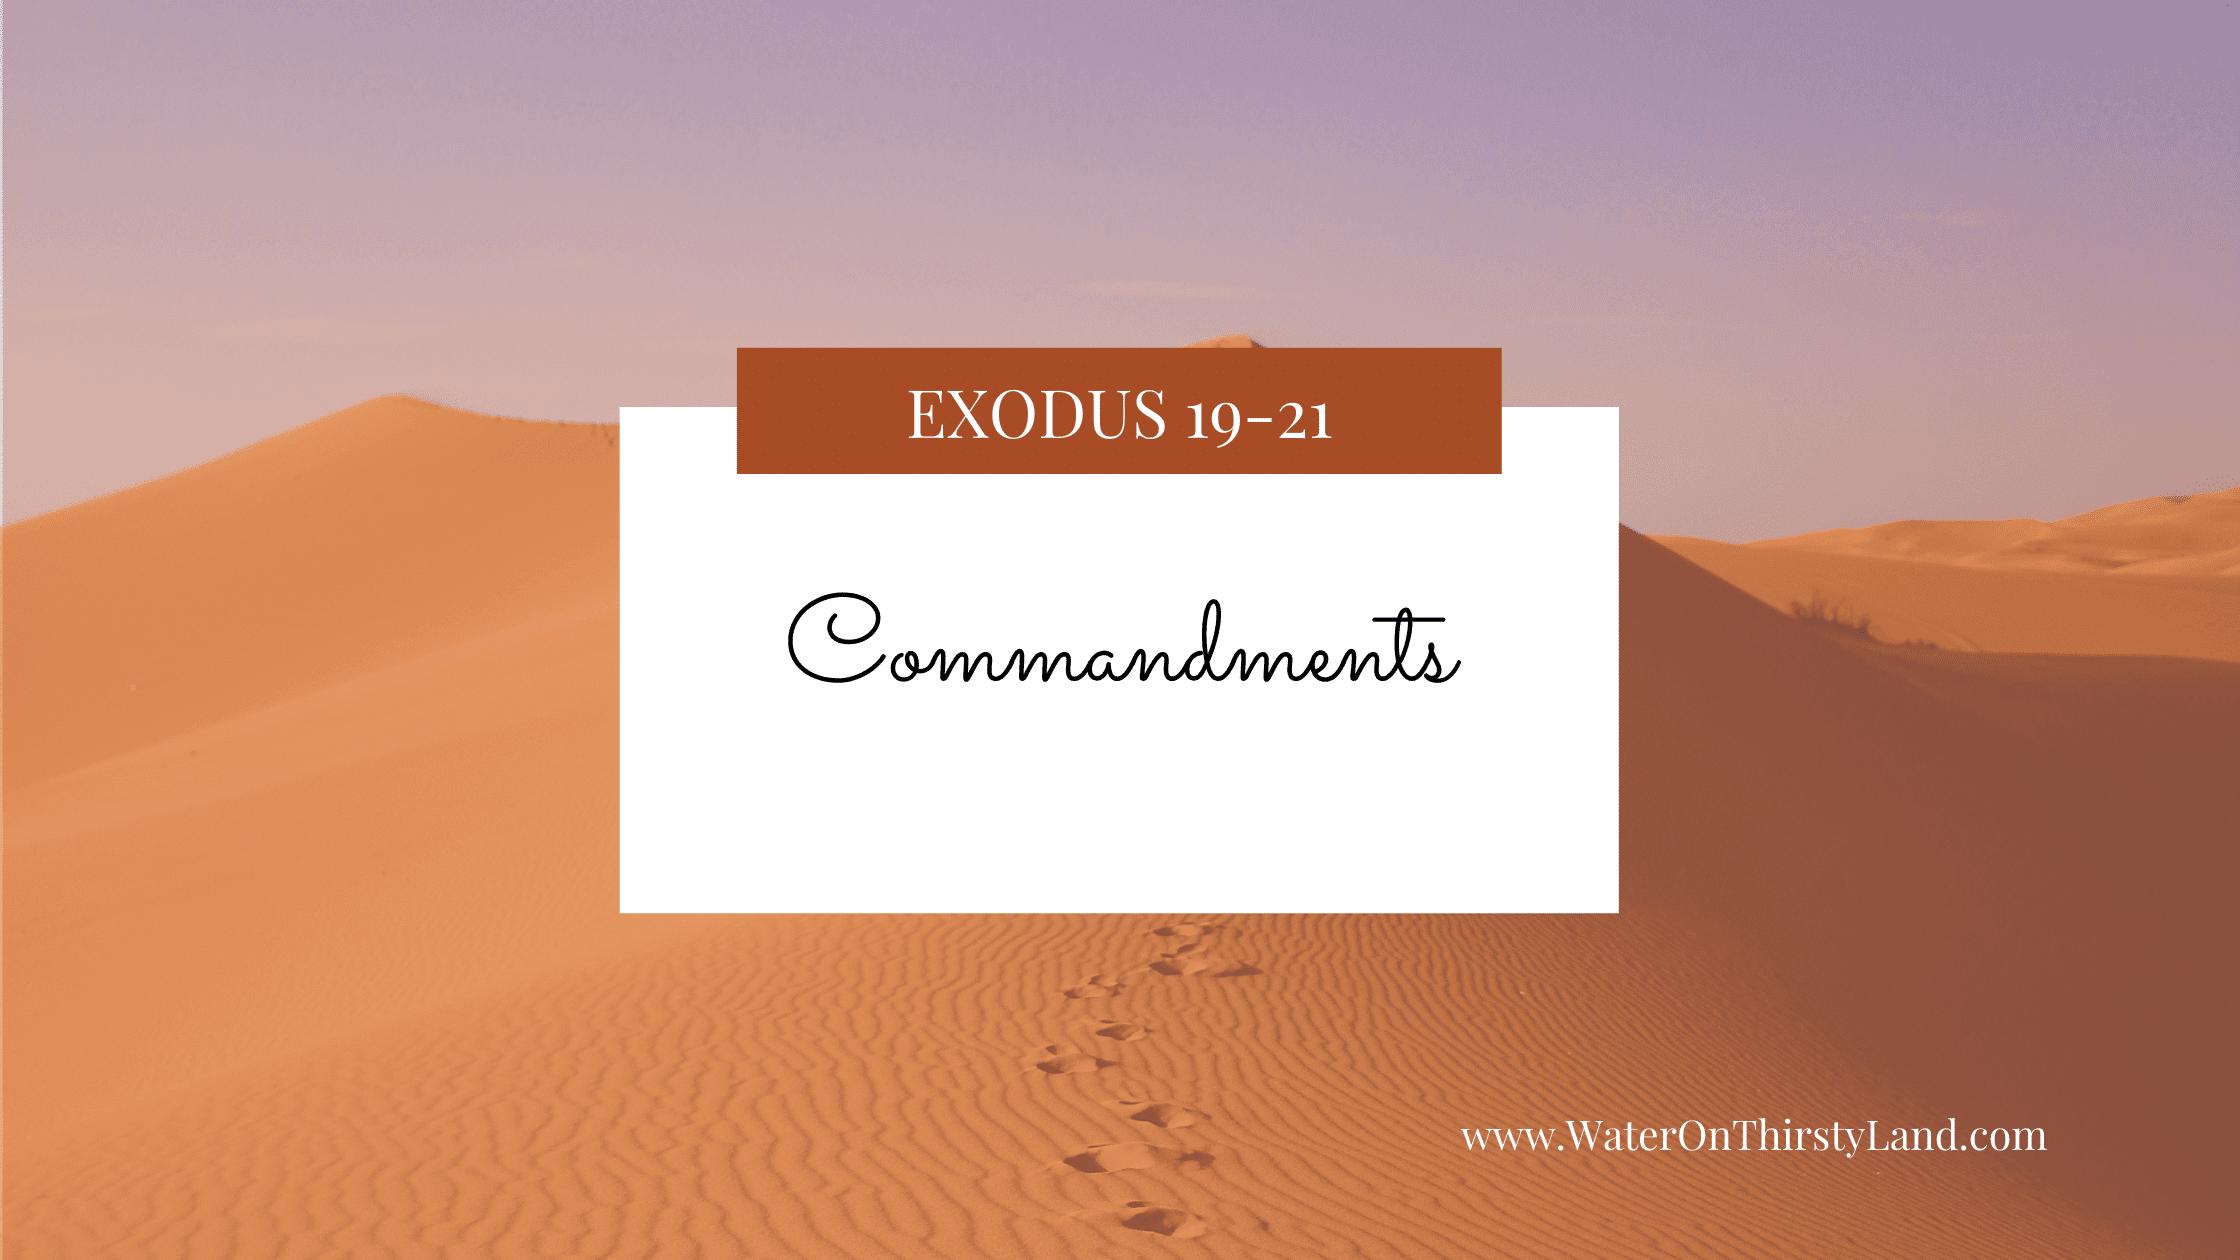 Exodus 19-21: 10 Commandments